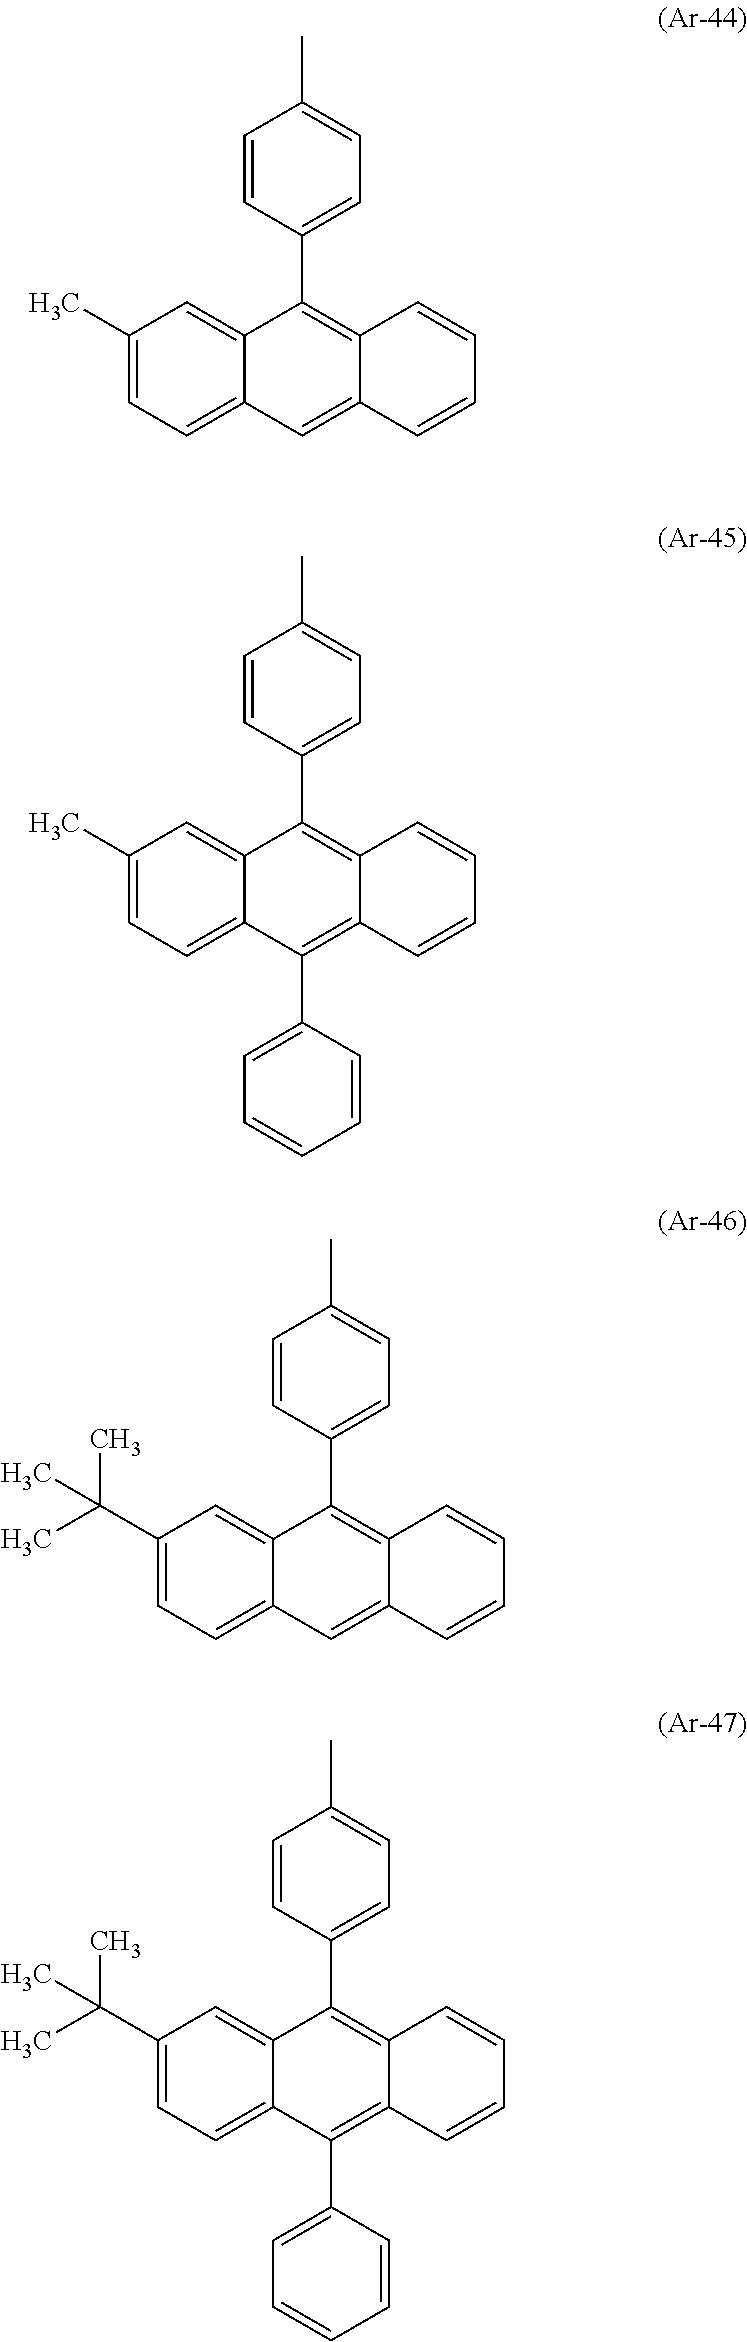 Figure US09240558-20160119-C00027